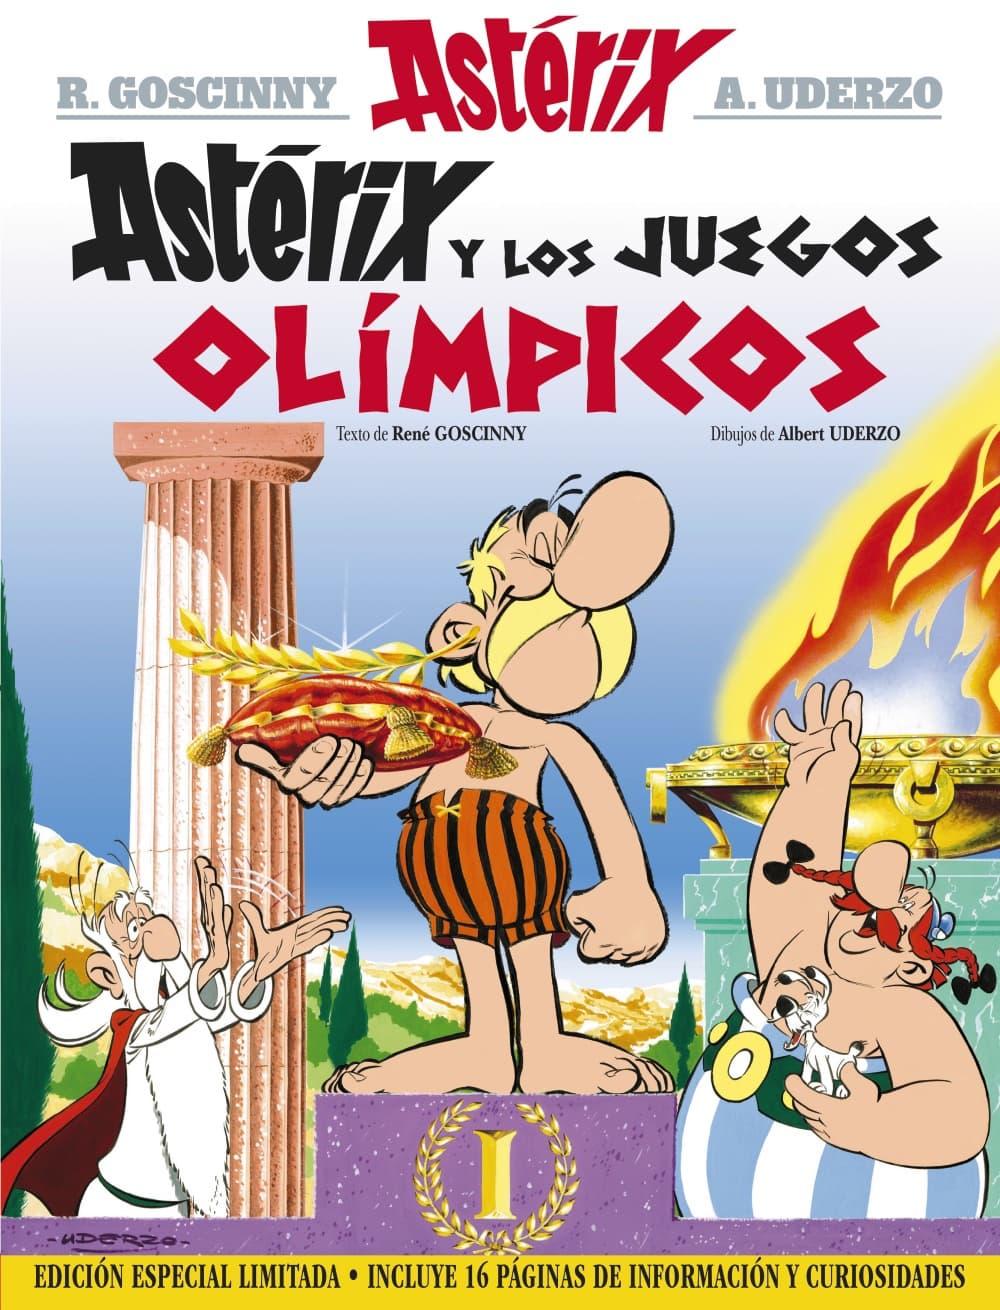 ASTERIX Y LOS JUEGOS OLIMPICOS (EDICION ESPECIAL LIMITADA)